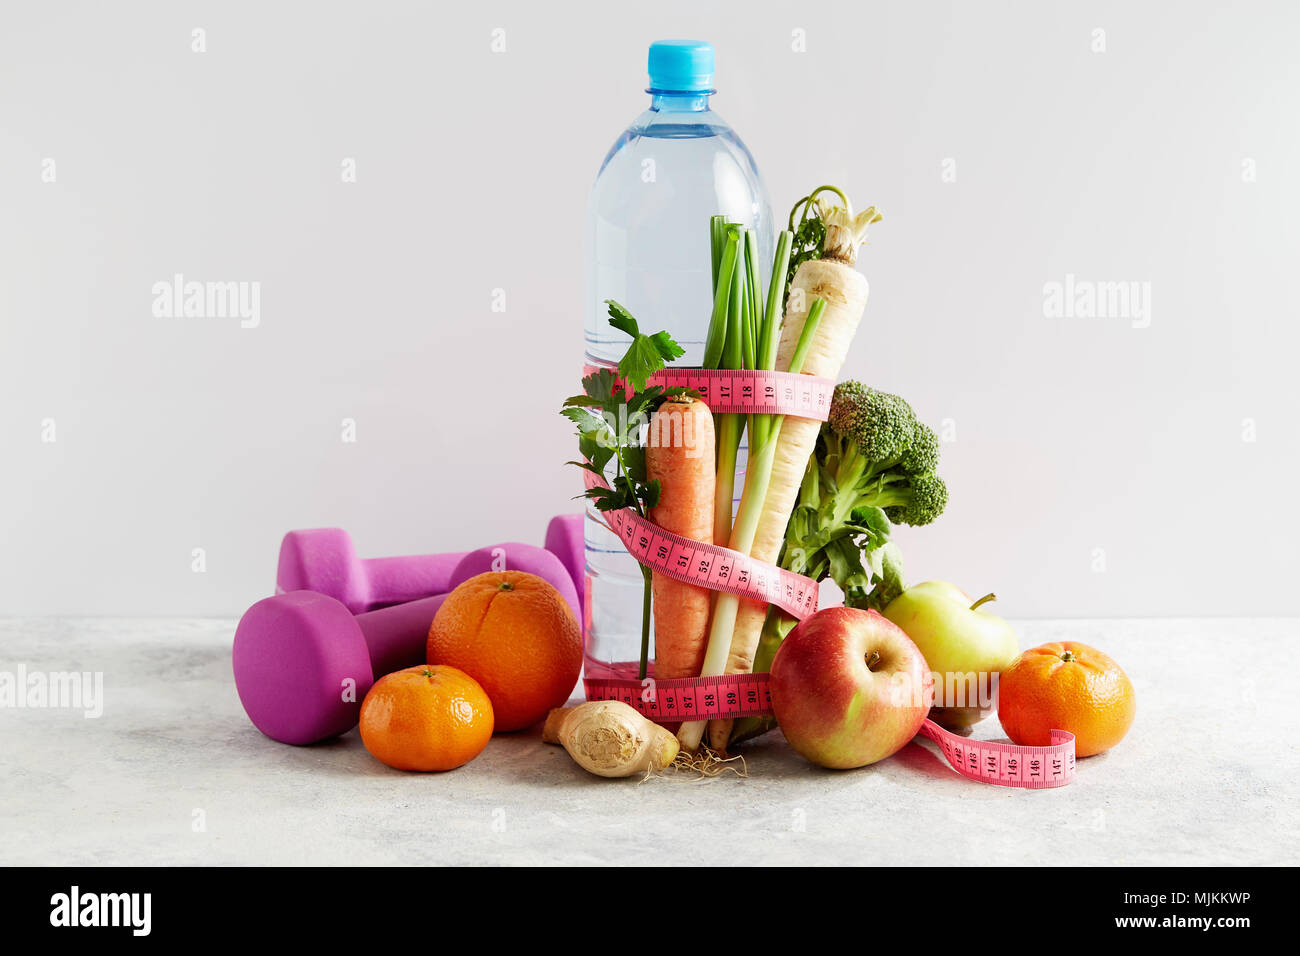 Flasche Wasser mit einem rosa Maßband, Gemüse und Obst. Konzept Gesundheit, Diät und Ernährung. Stockbild